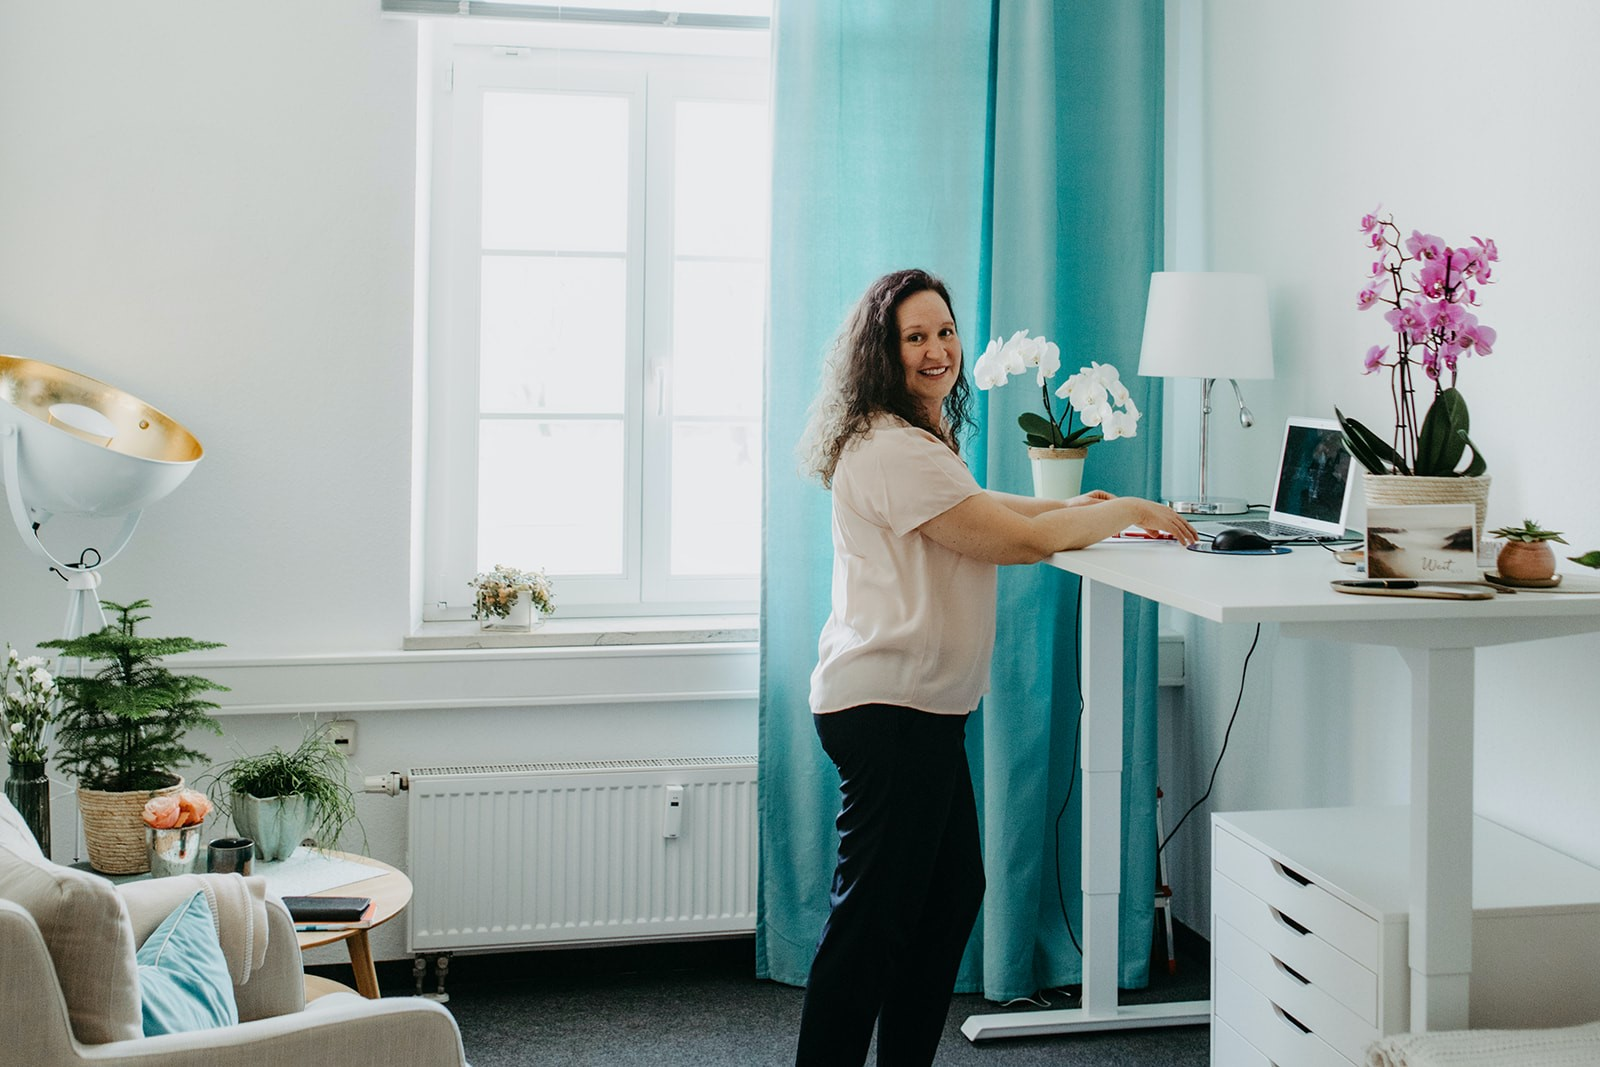 Claudia-Dorn-Yogalehrerin-Therapeutische-Begleitung-Yoga